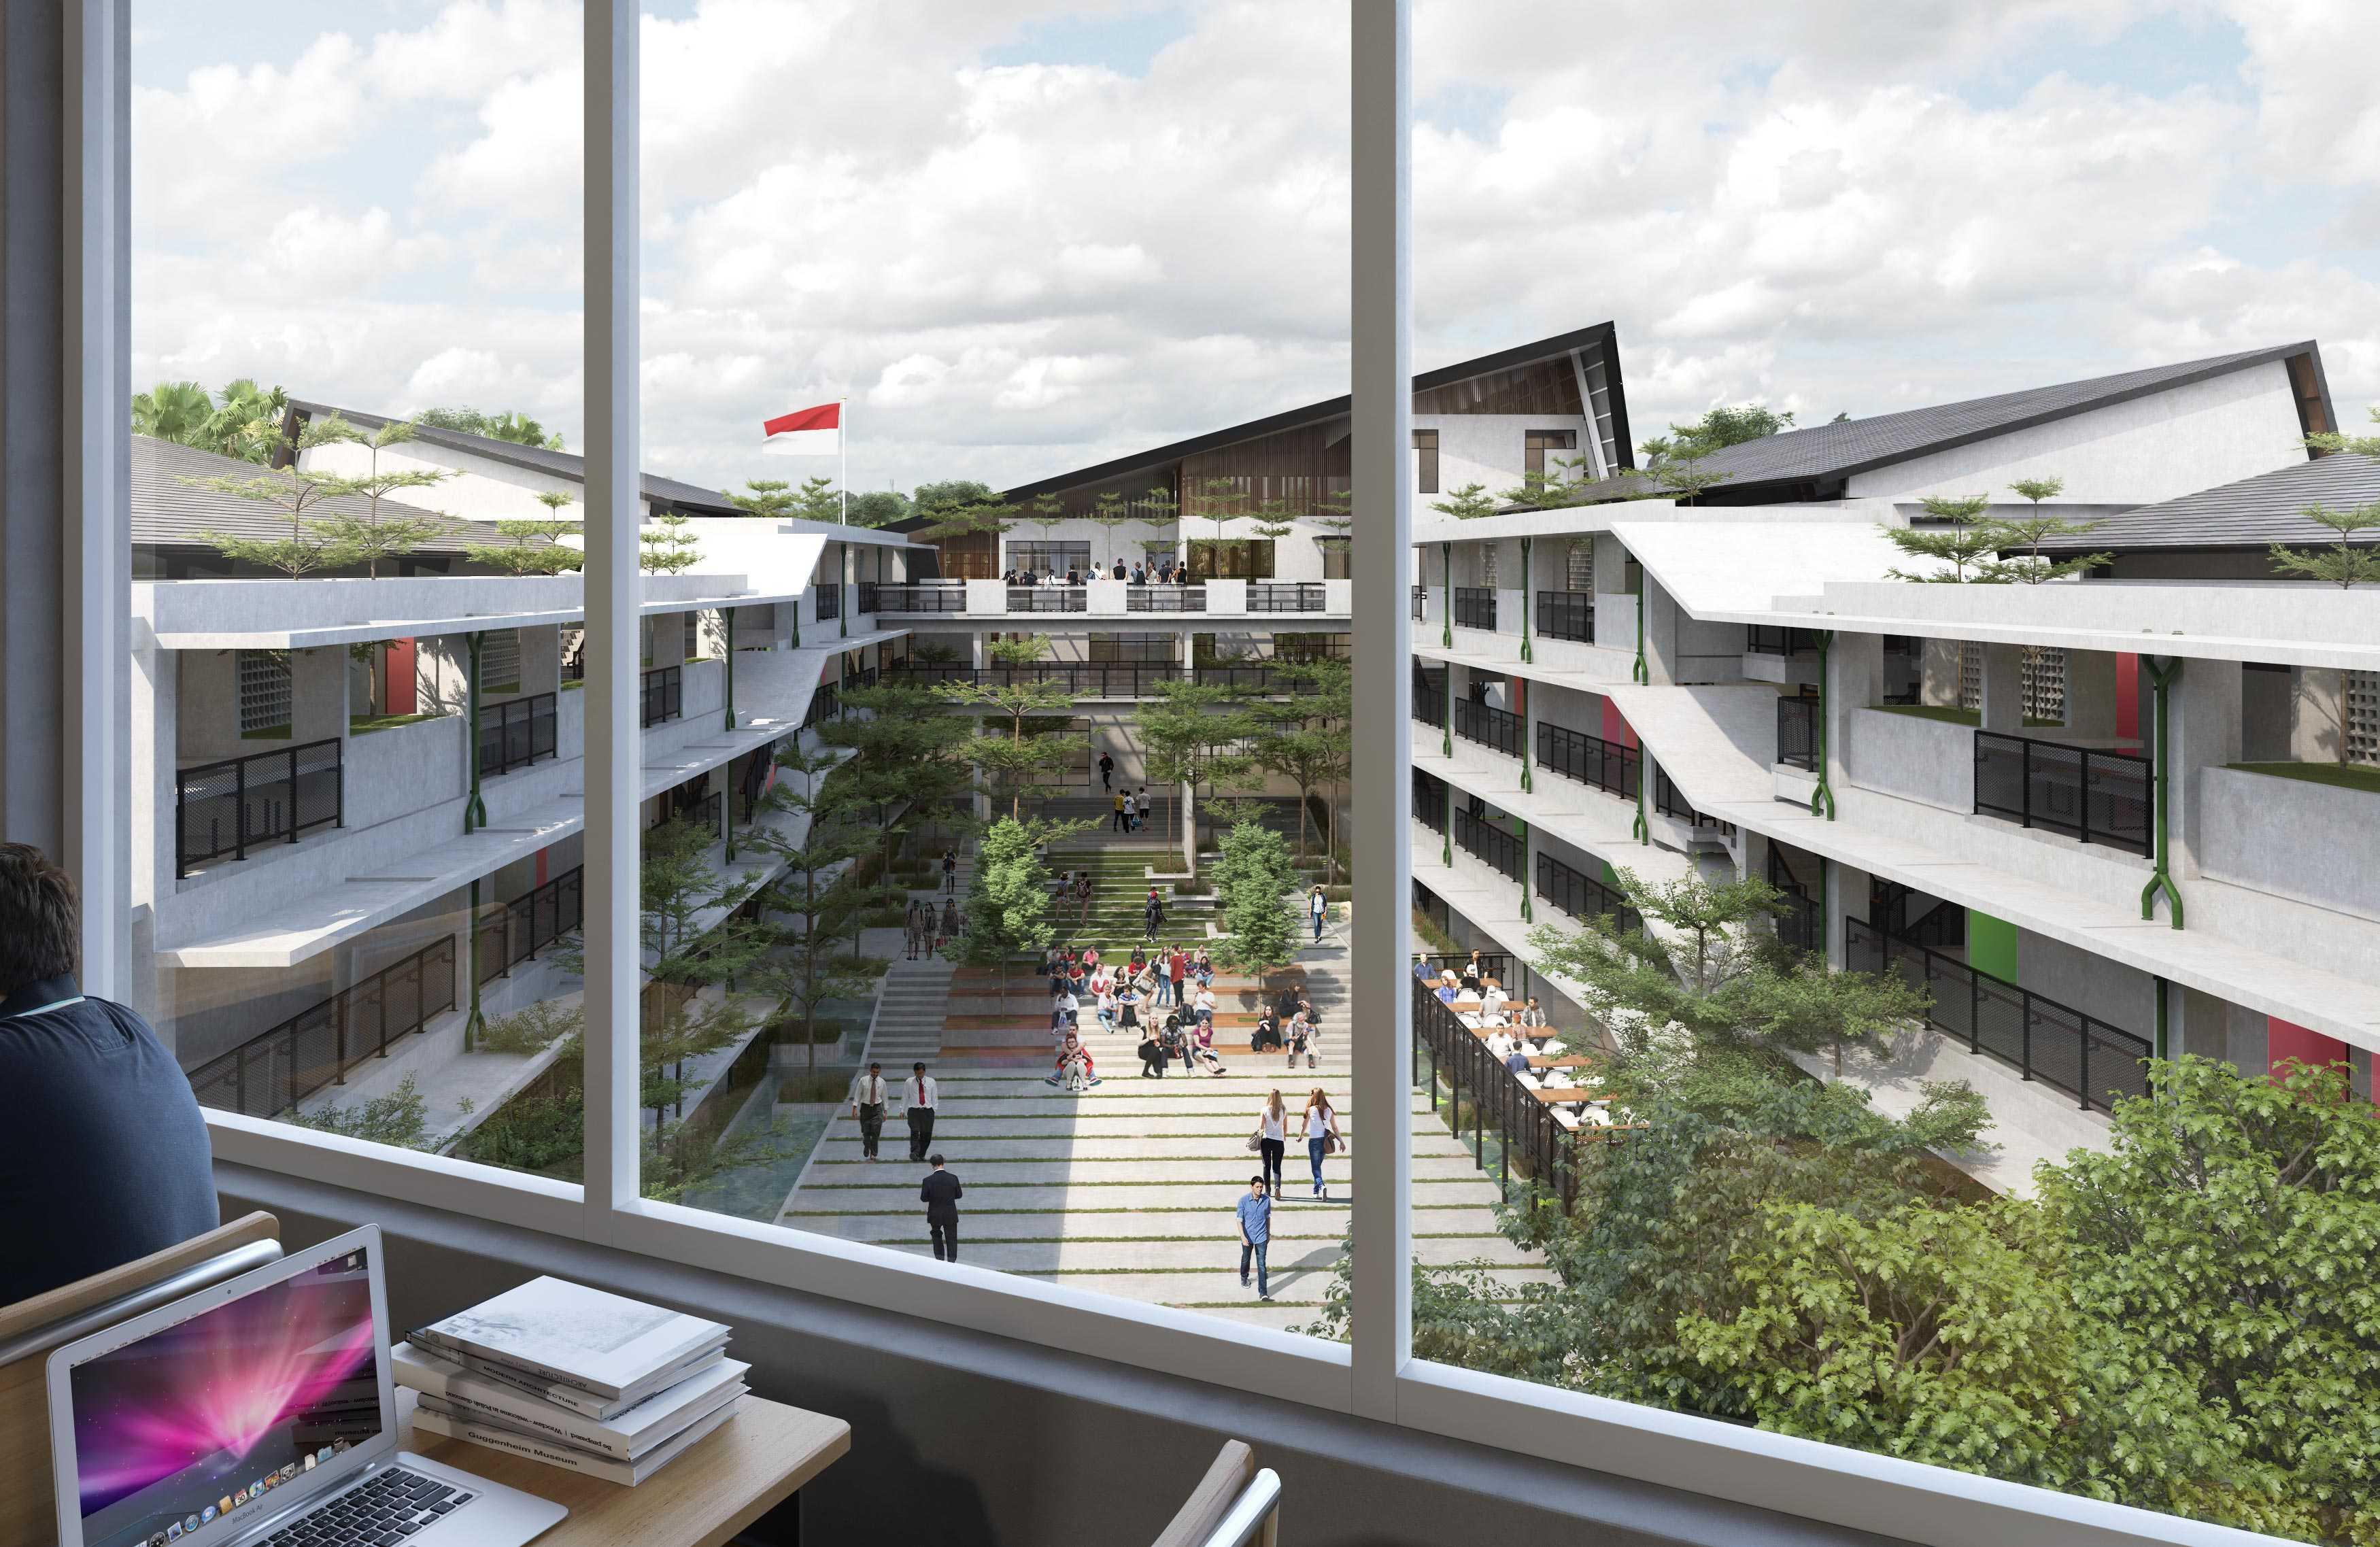 Pt. Urbane Indonesia Iisip Campus Jakarta, Daerah Khusus Ibukota Jakarta, Indonesia Jakarta, Daerah Khusus Ibukota Jakarta, Indonesia Exterior View Contemporary  52794